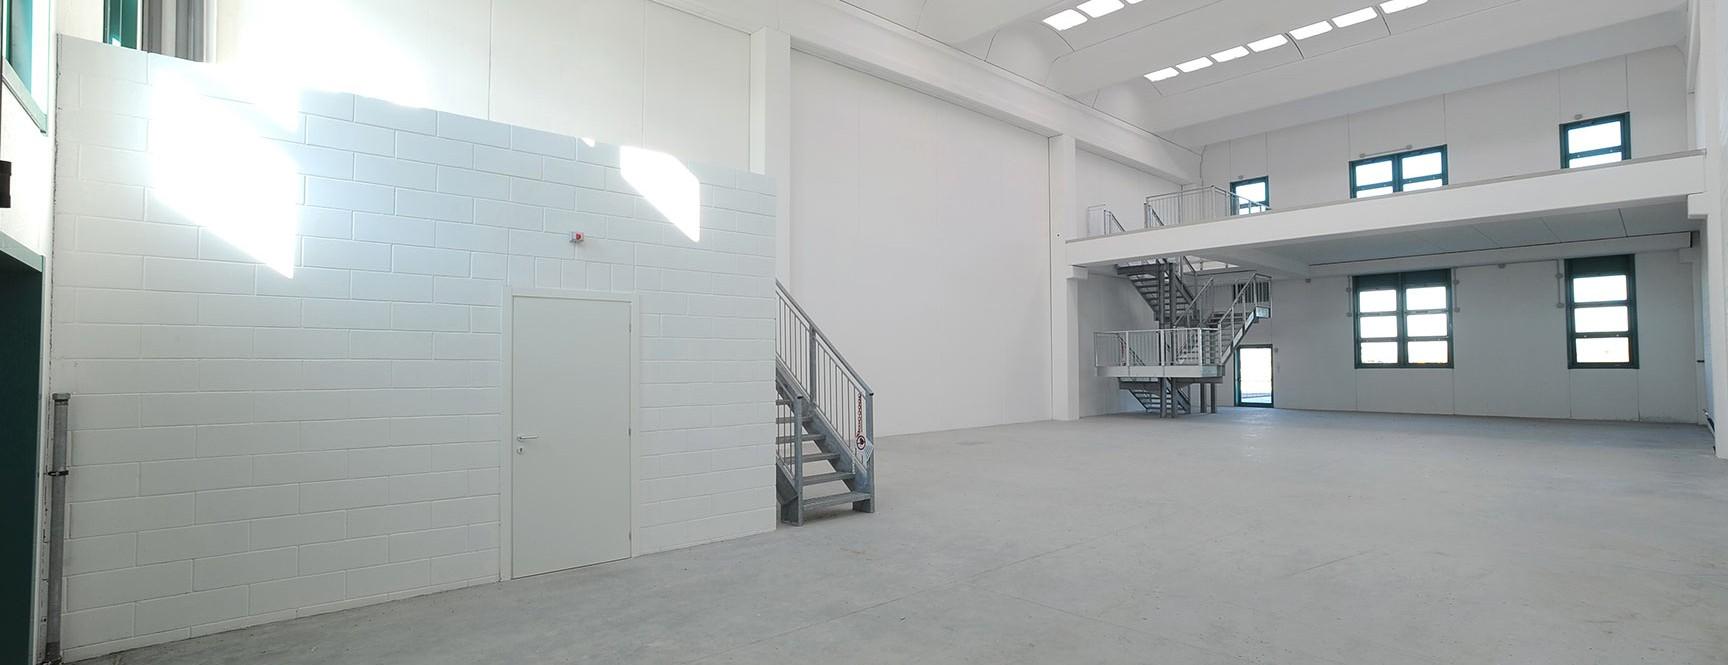 EGP-comparto artigianale - 06